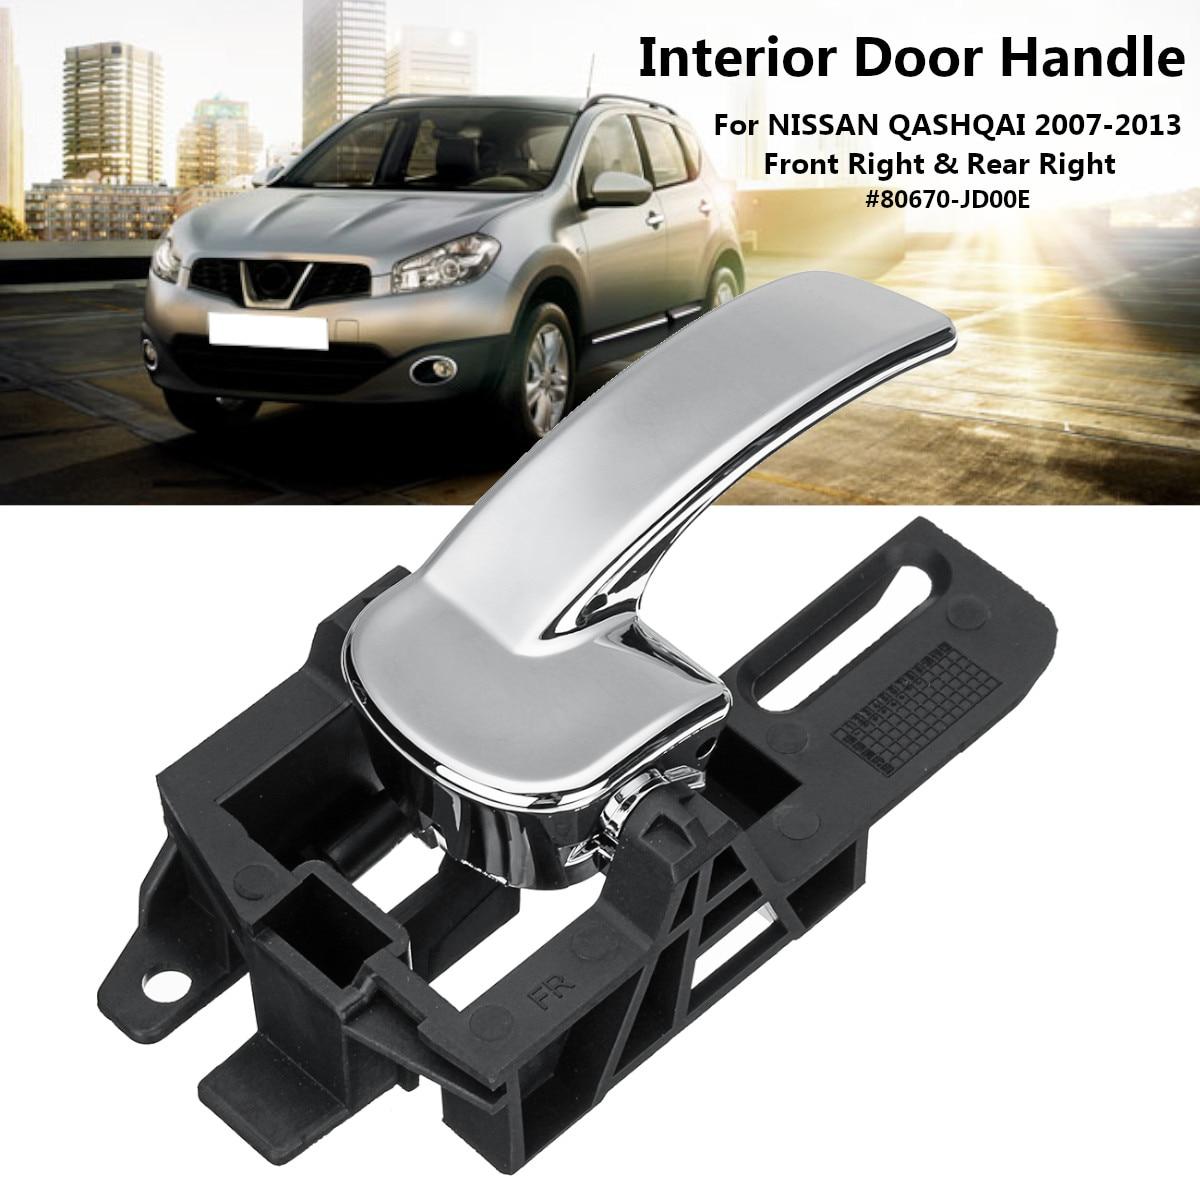 Left+Right Car Interior Door Handle For NISSAN QASHQAI 2007-2013 80670-JD00E / 80670JD00E 80671-JD00E